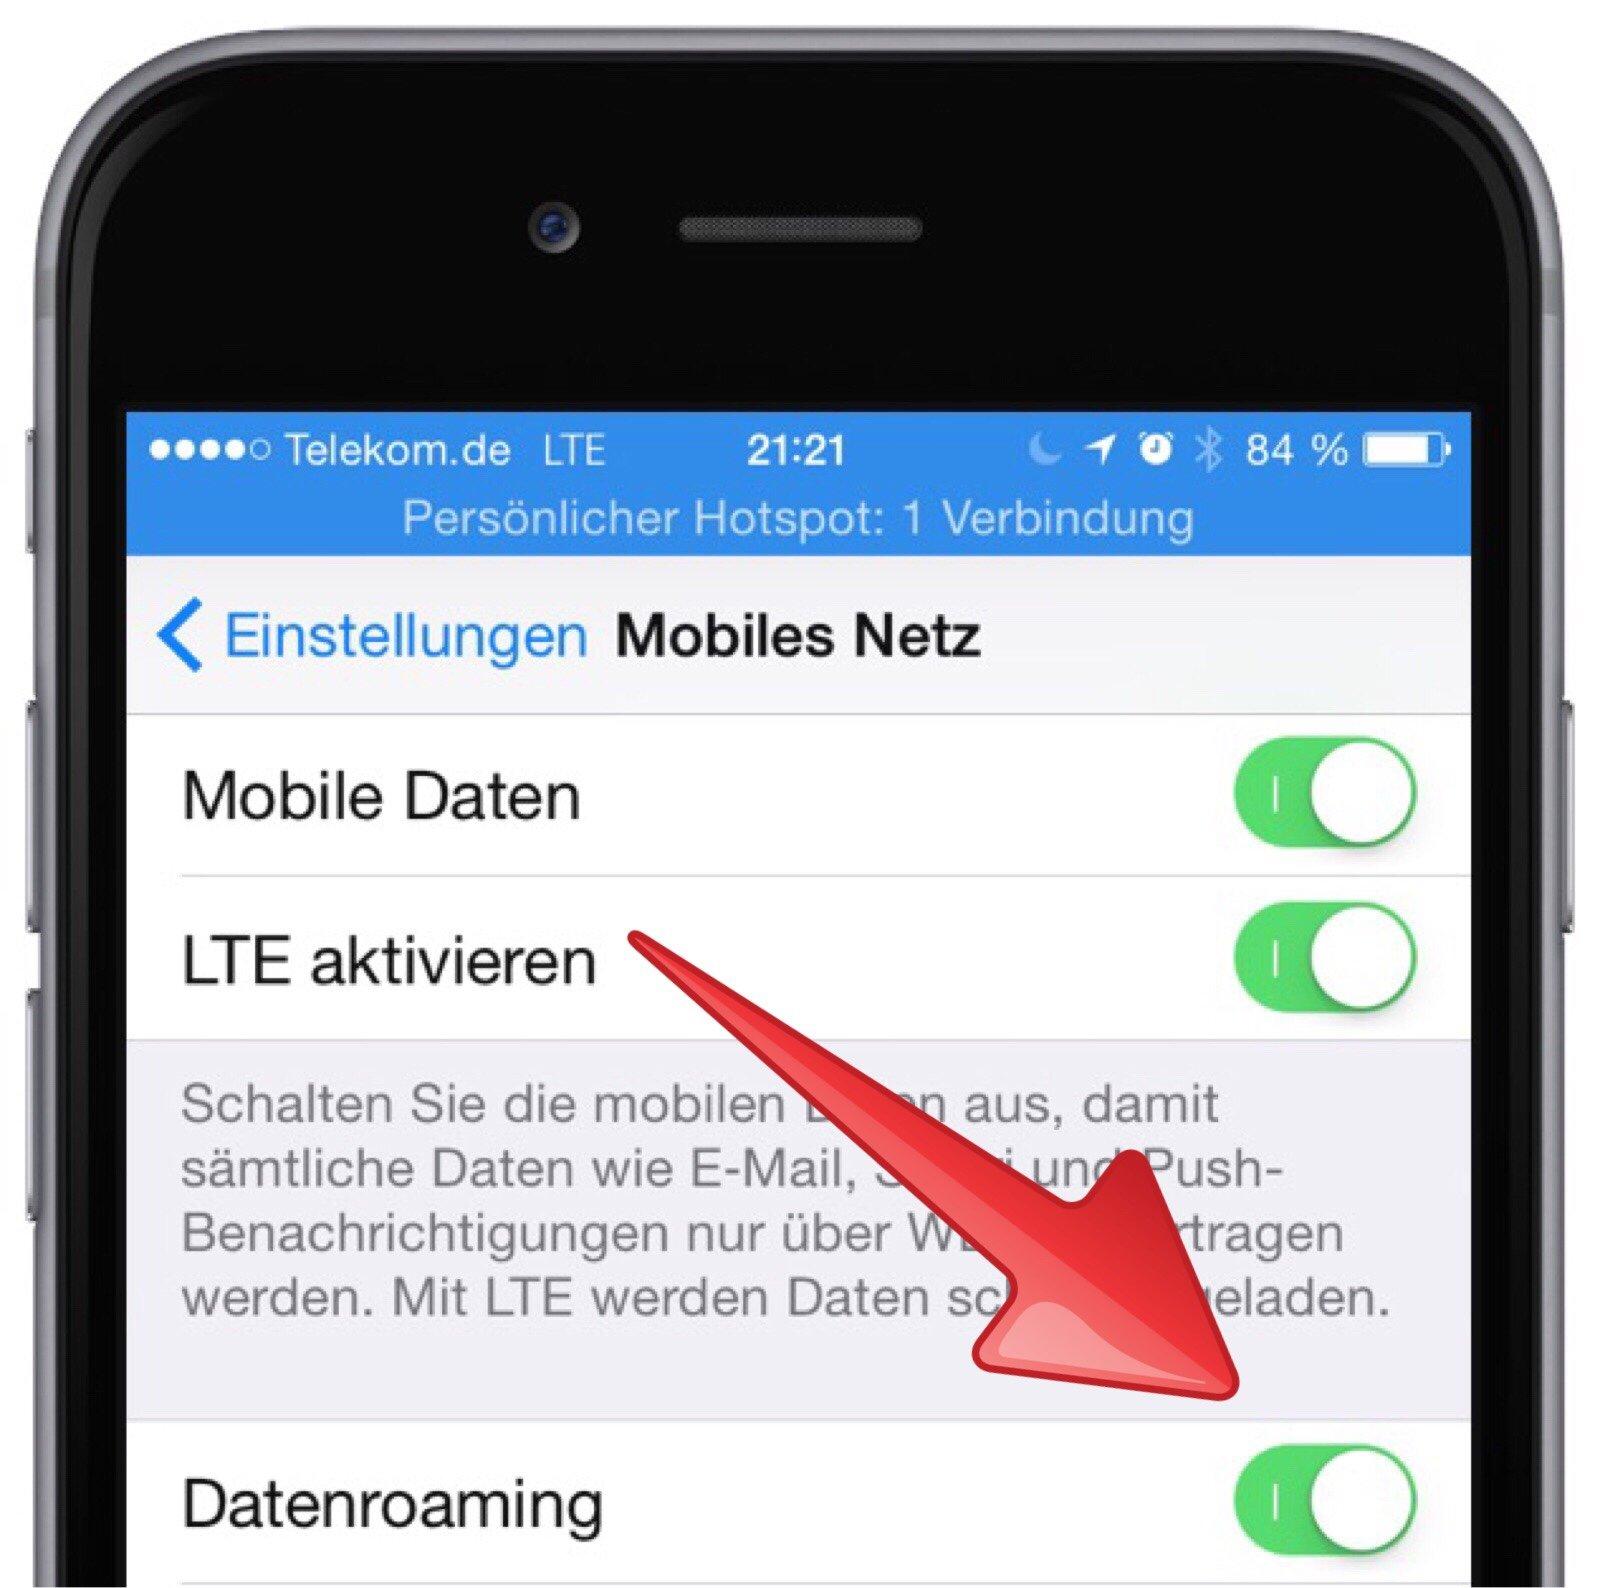 iPhone-Roaming-T-Mobile-Mobiles-Netz-1.jpg